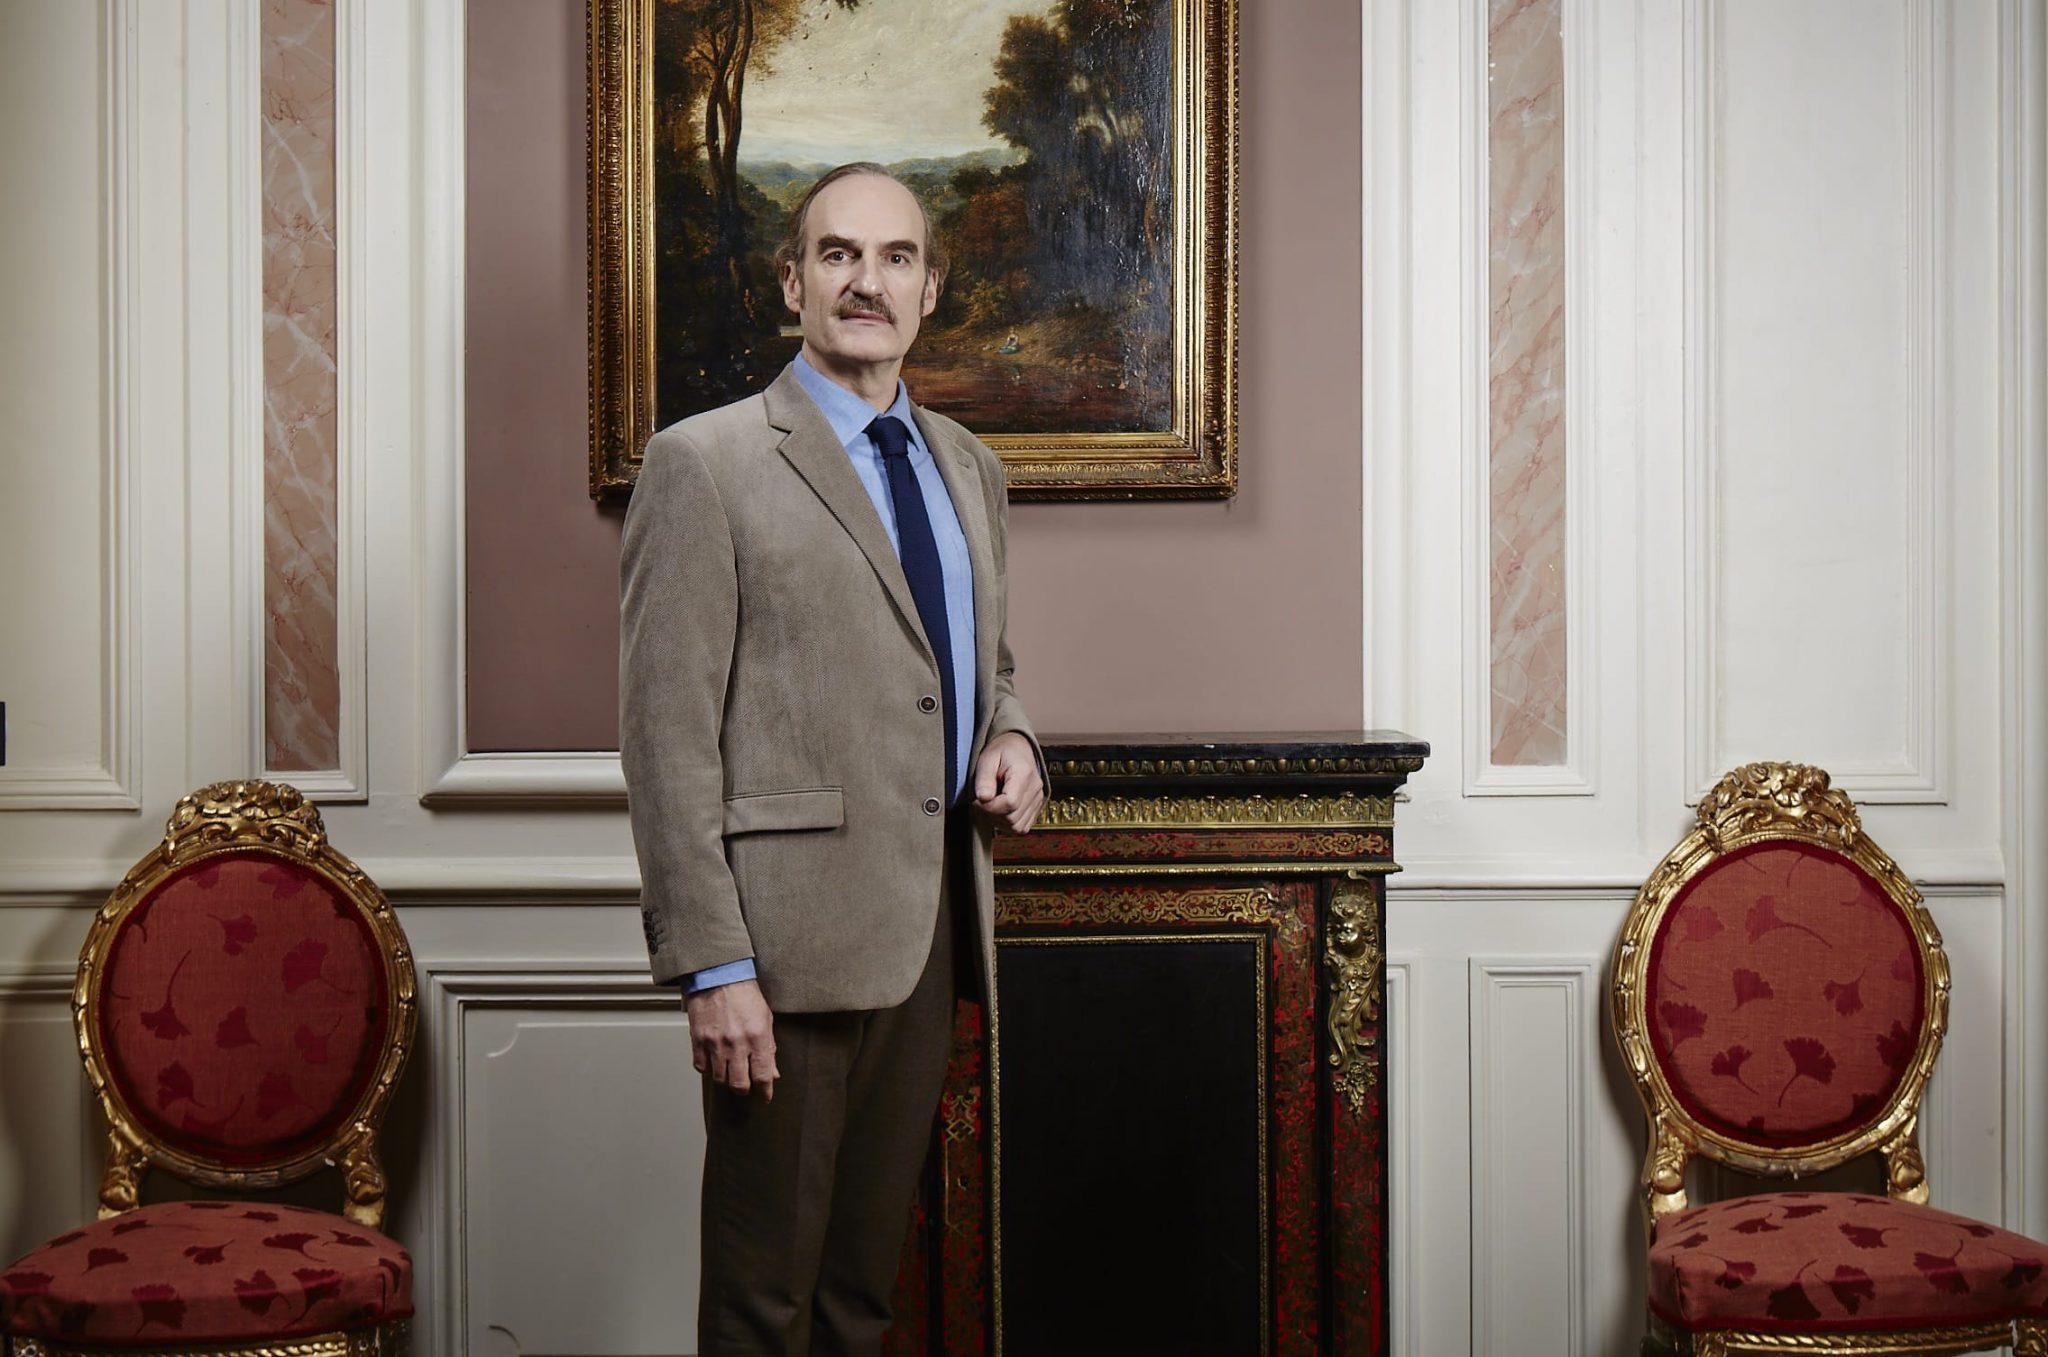 Alphonse Président saison 1 image 2